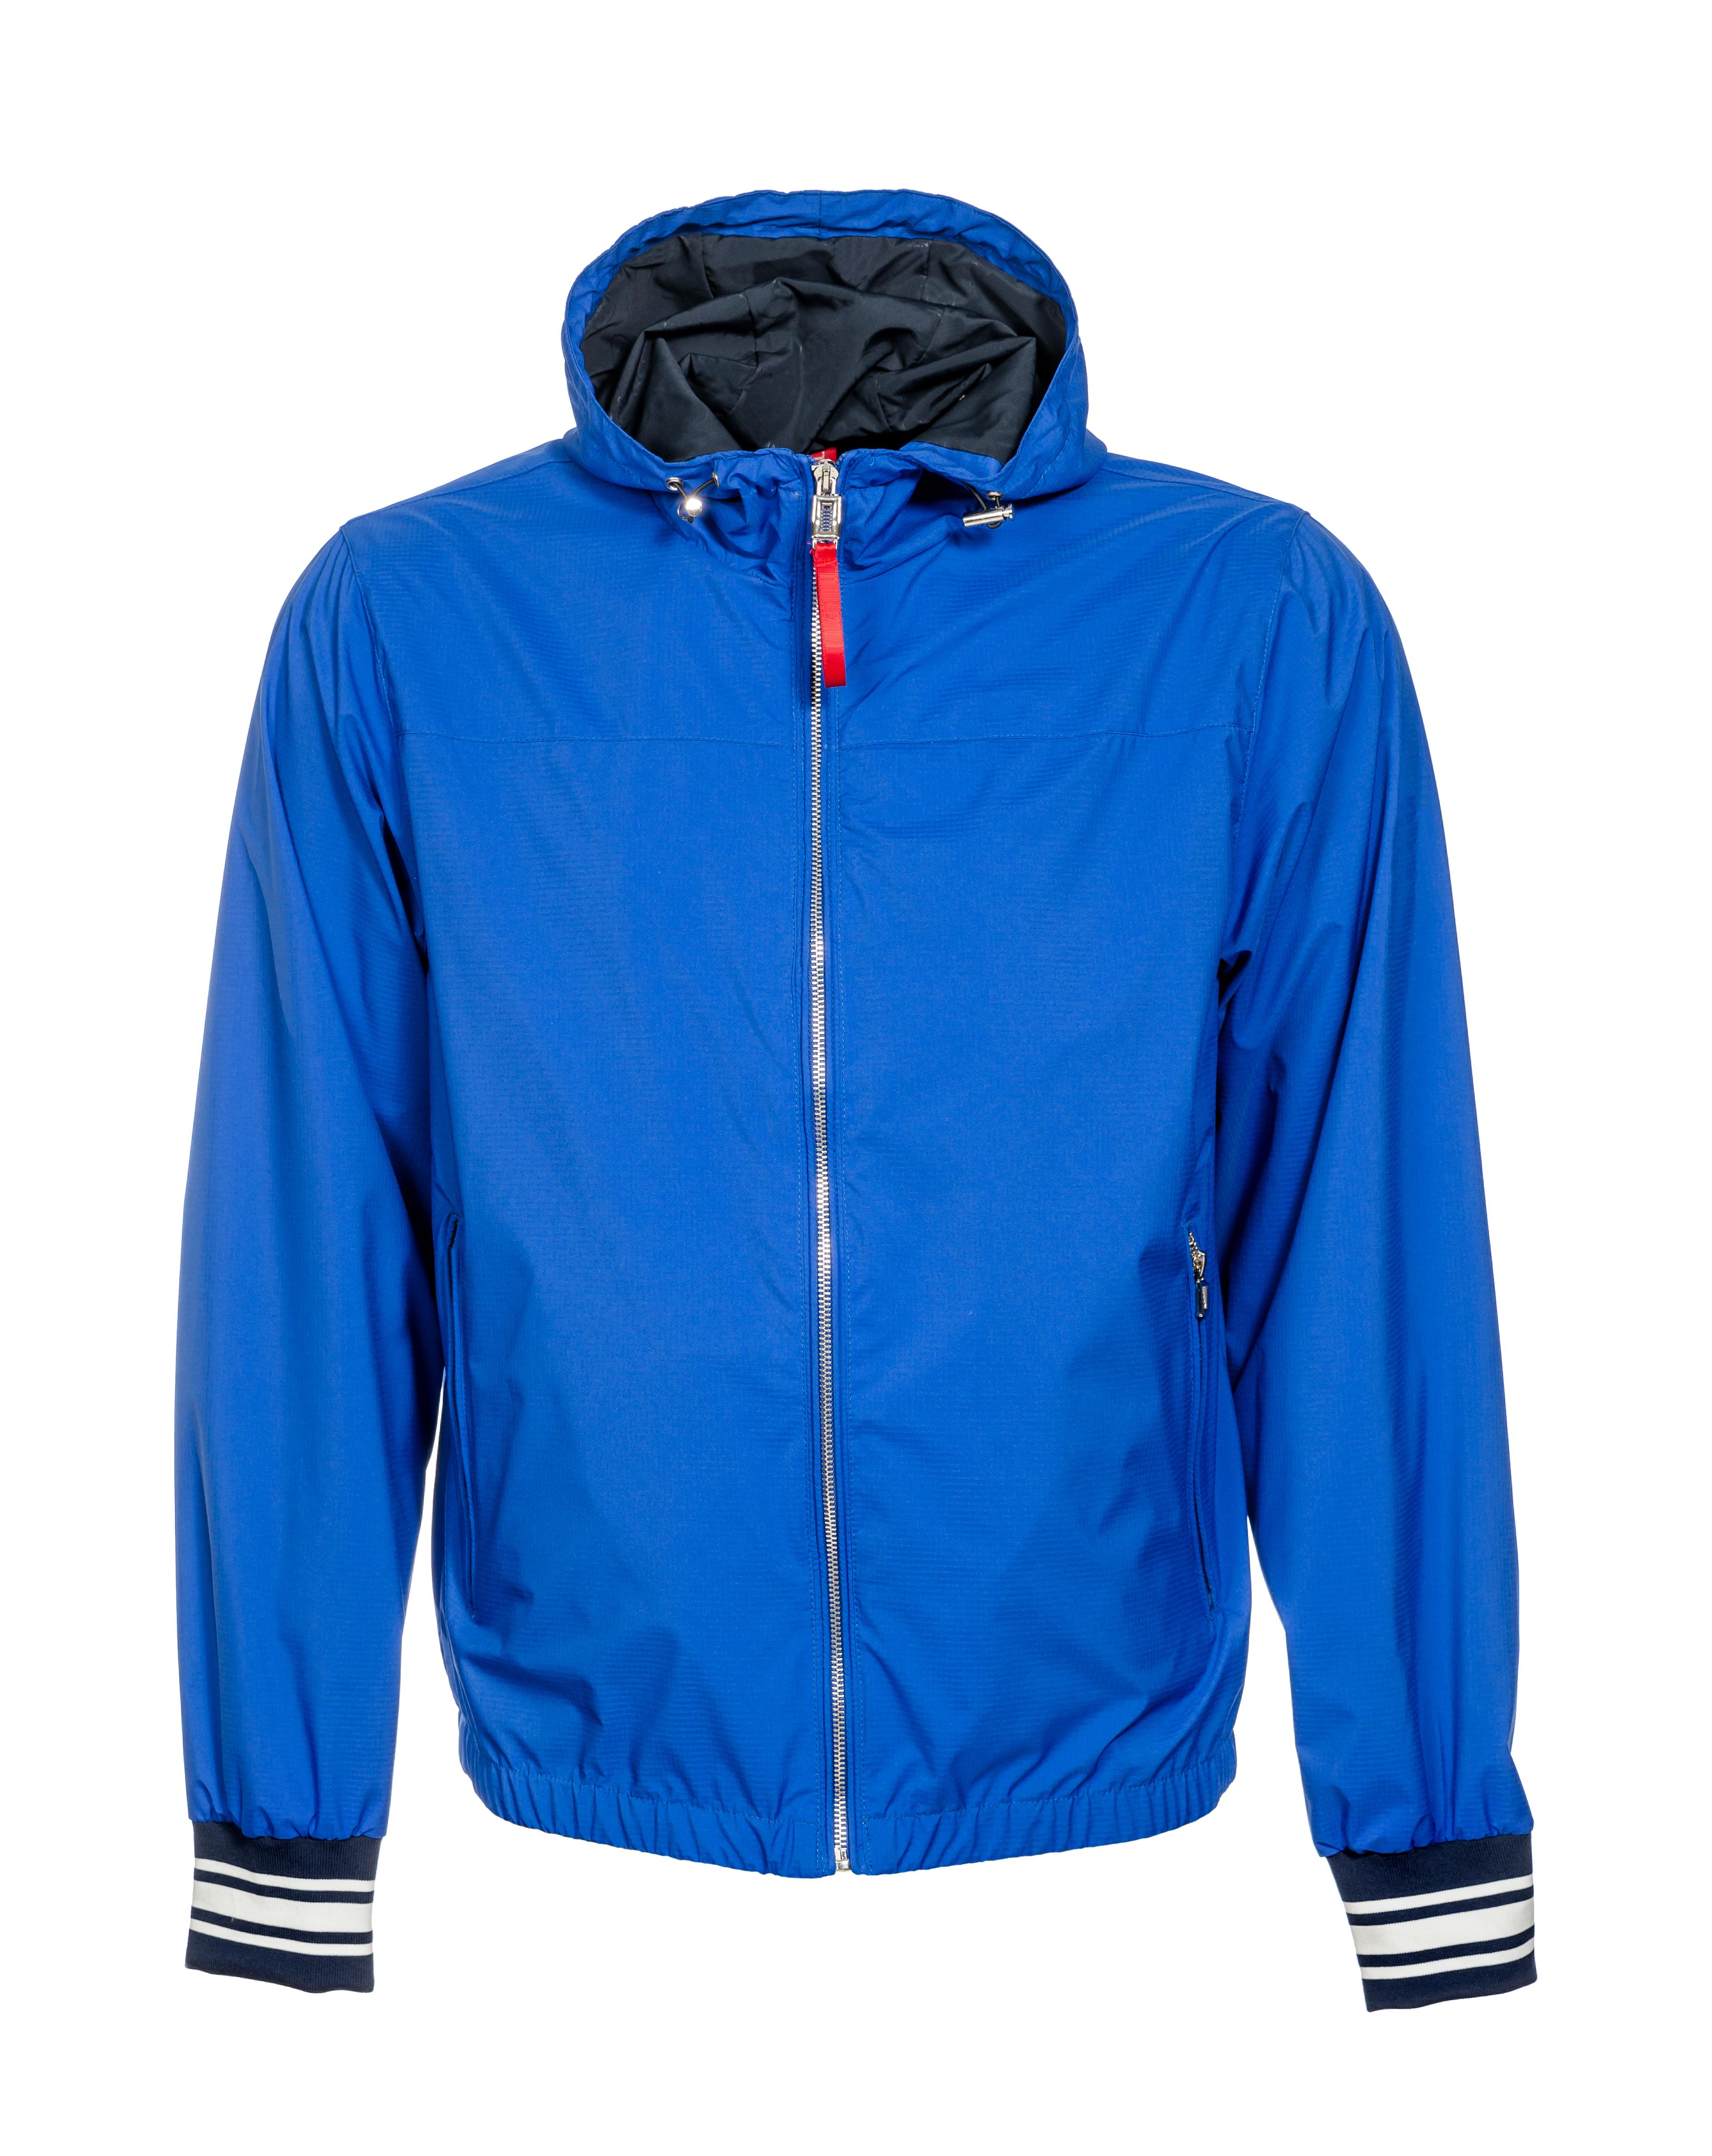 Custom made jackets (9)